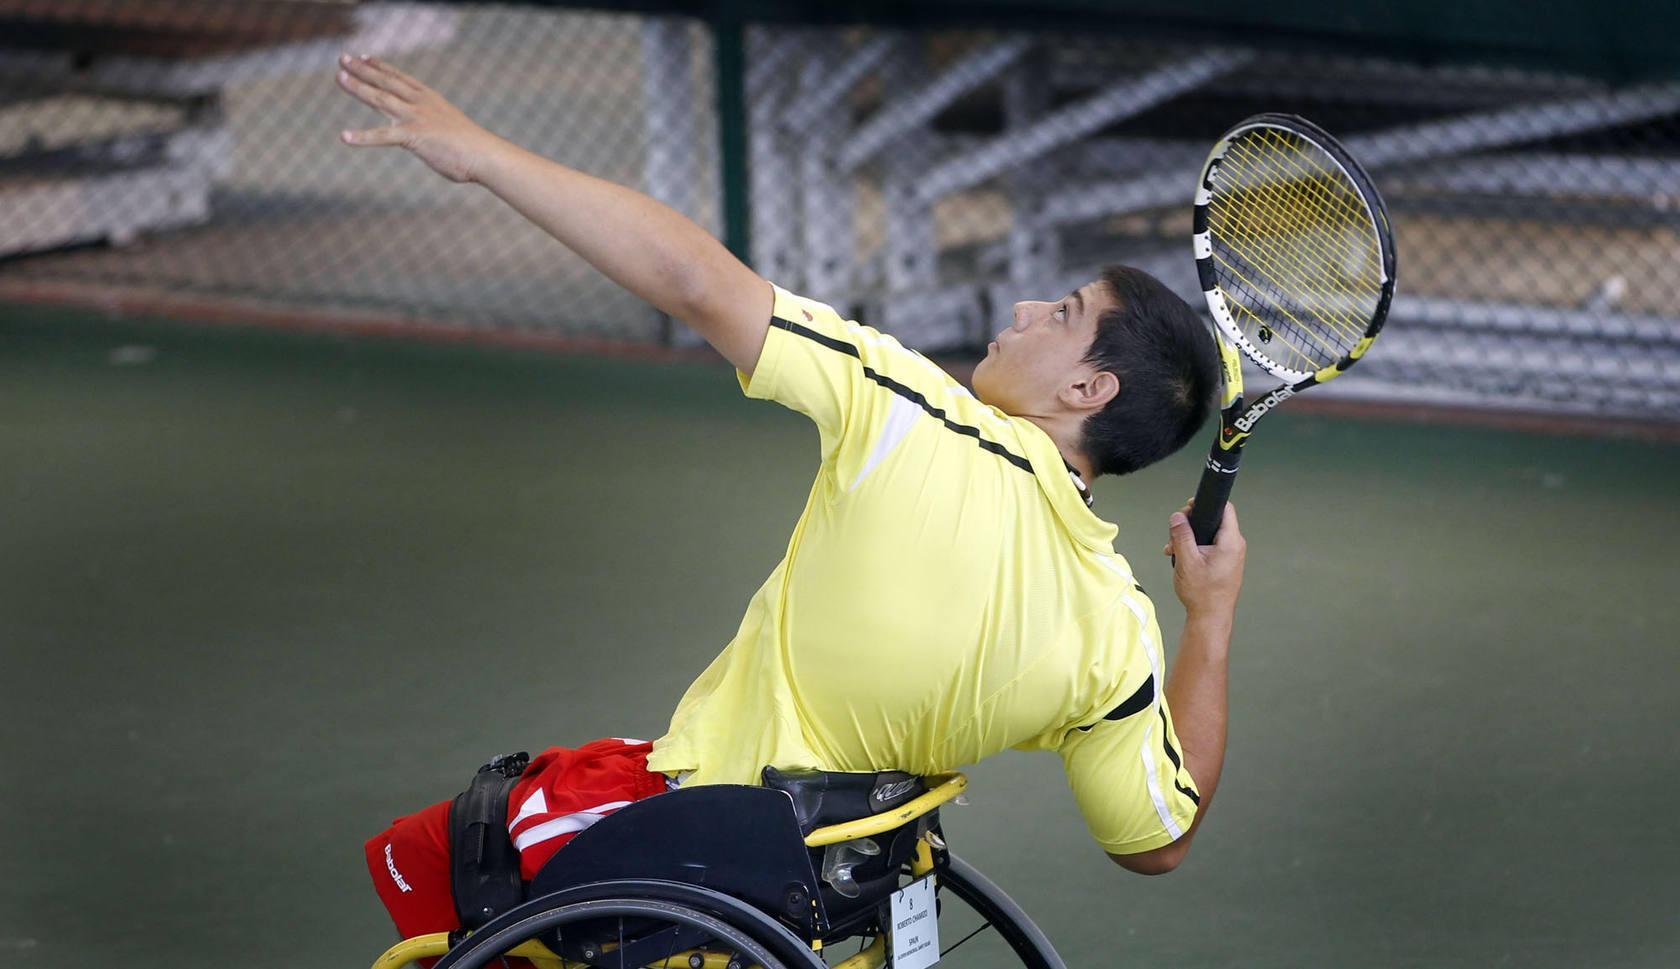 Mañana para la integración: tenis en silla